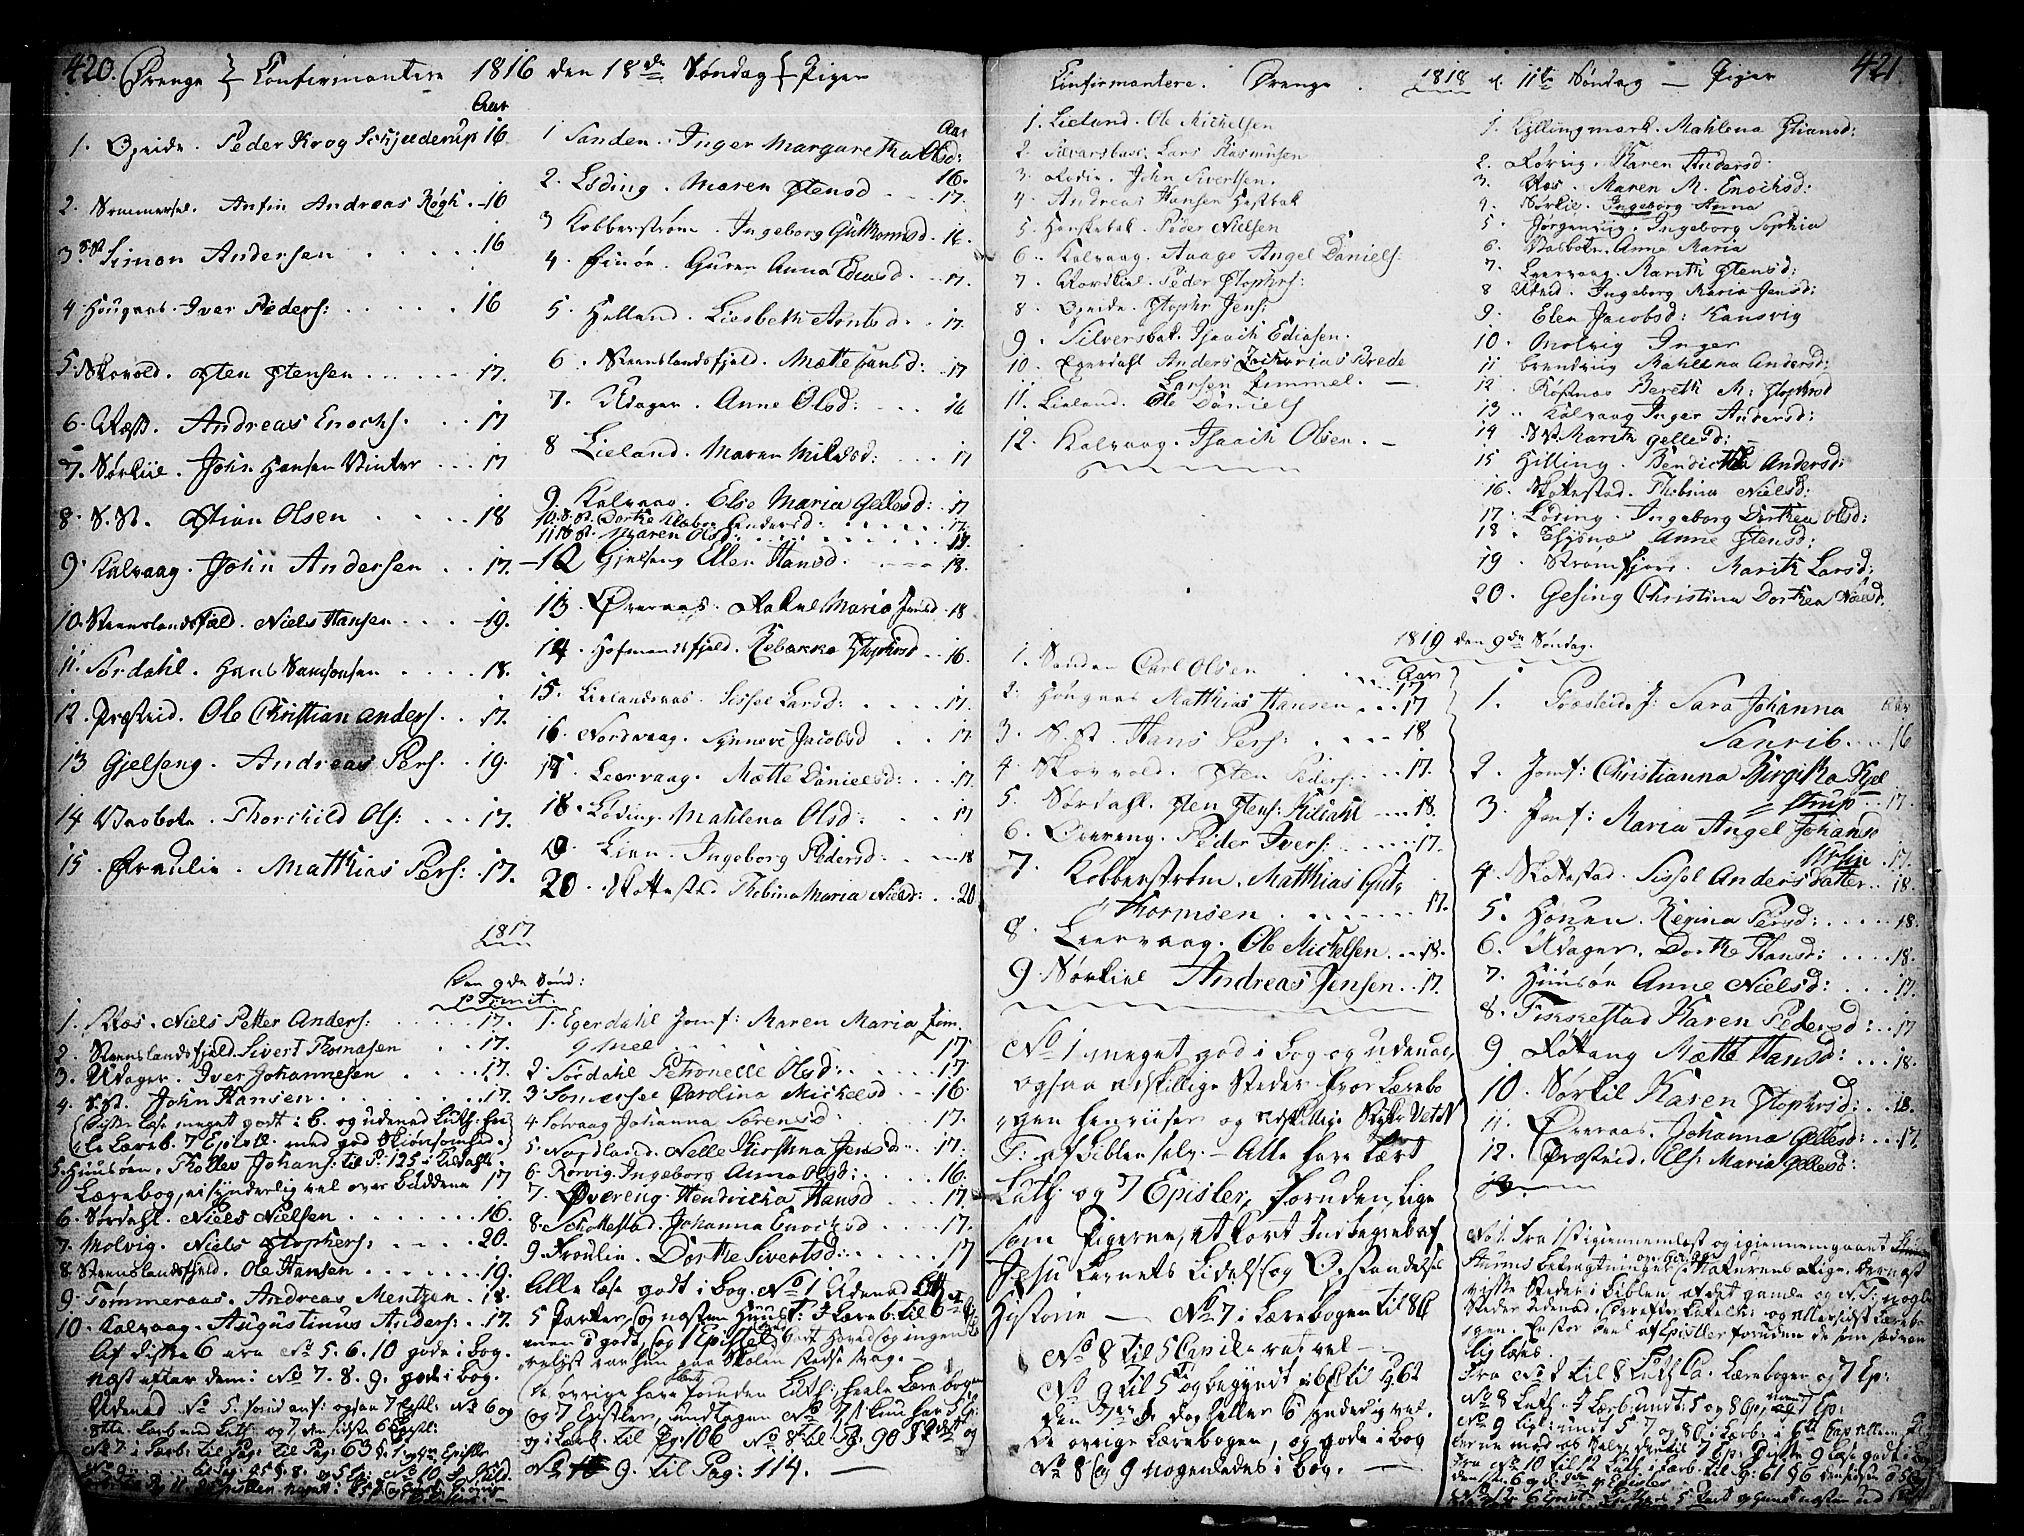 SAT, Ministerialprotokoller, klokkerbøker og fødselsregistre - Nordland, 859/L0841: Parish register (official) no. 859A01, 1766-1821, p. 420-421